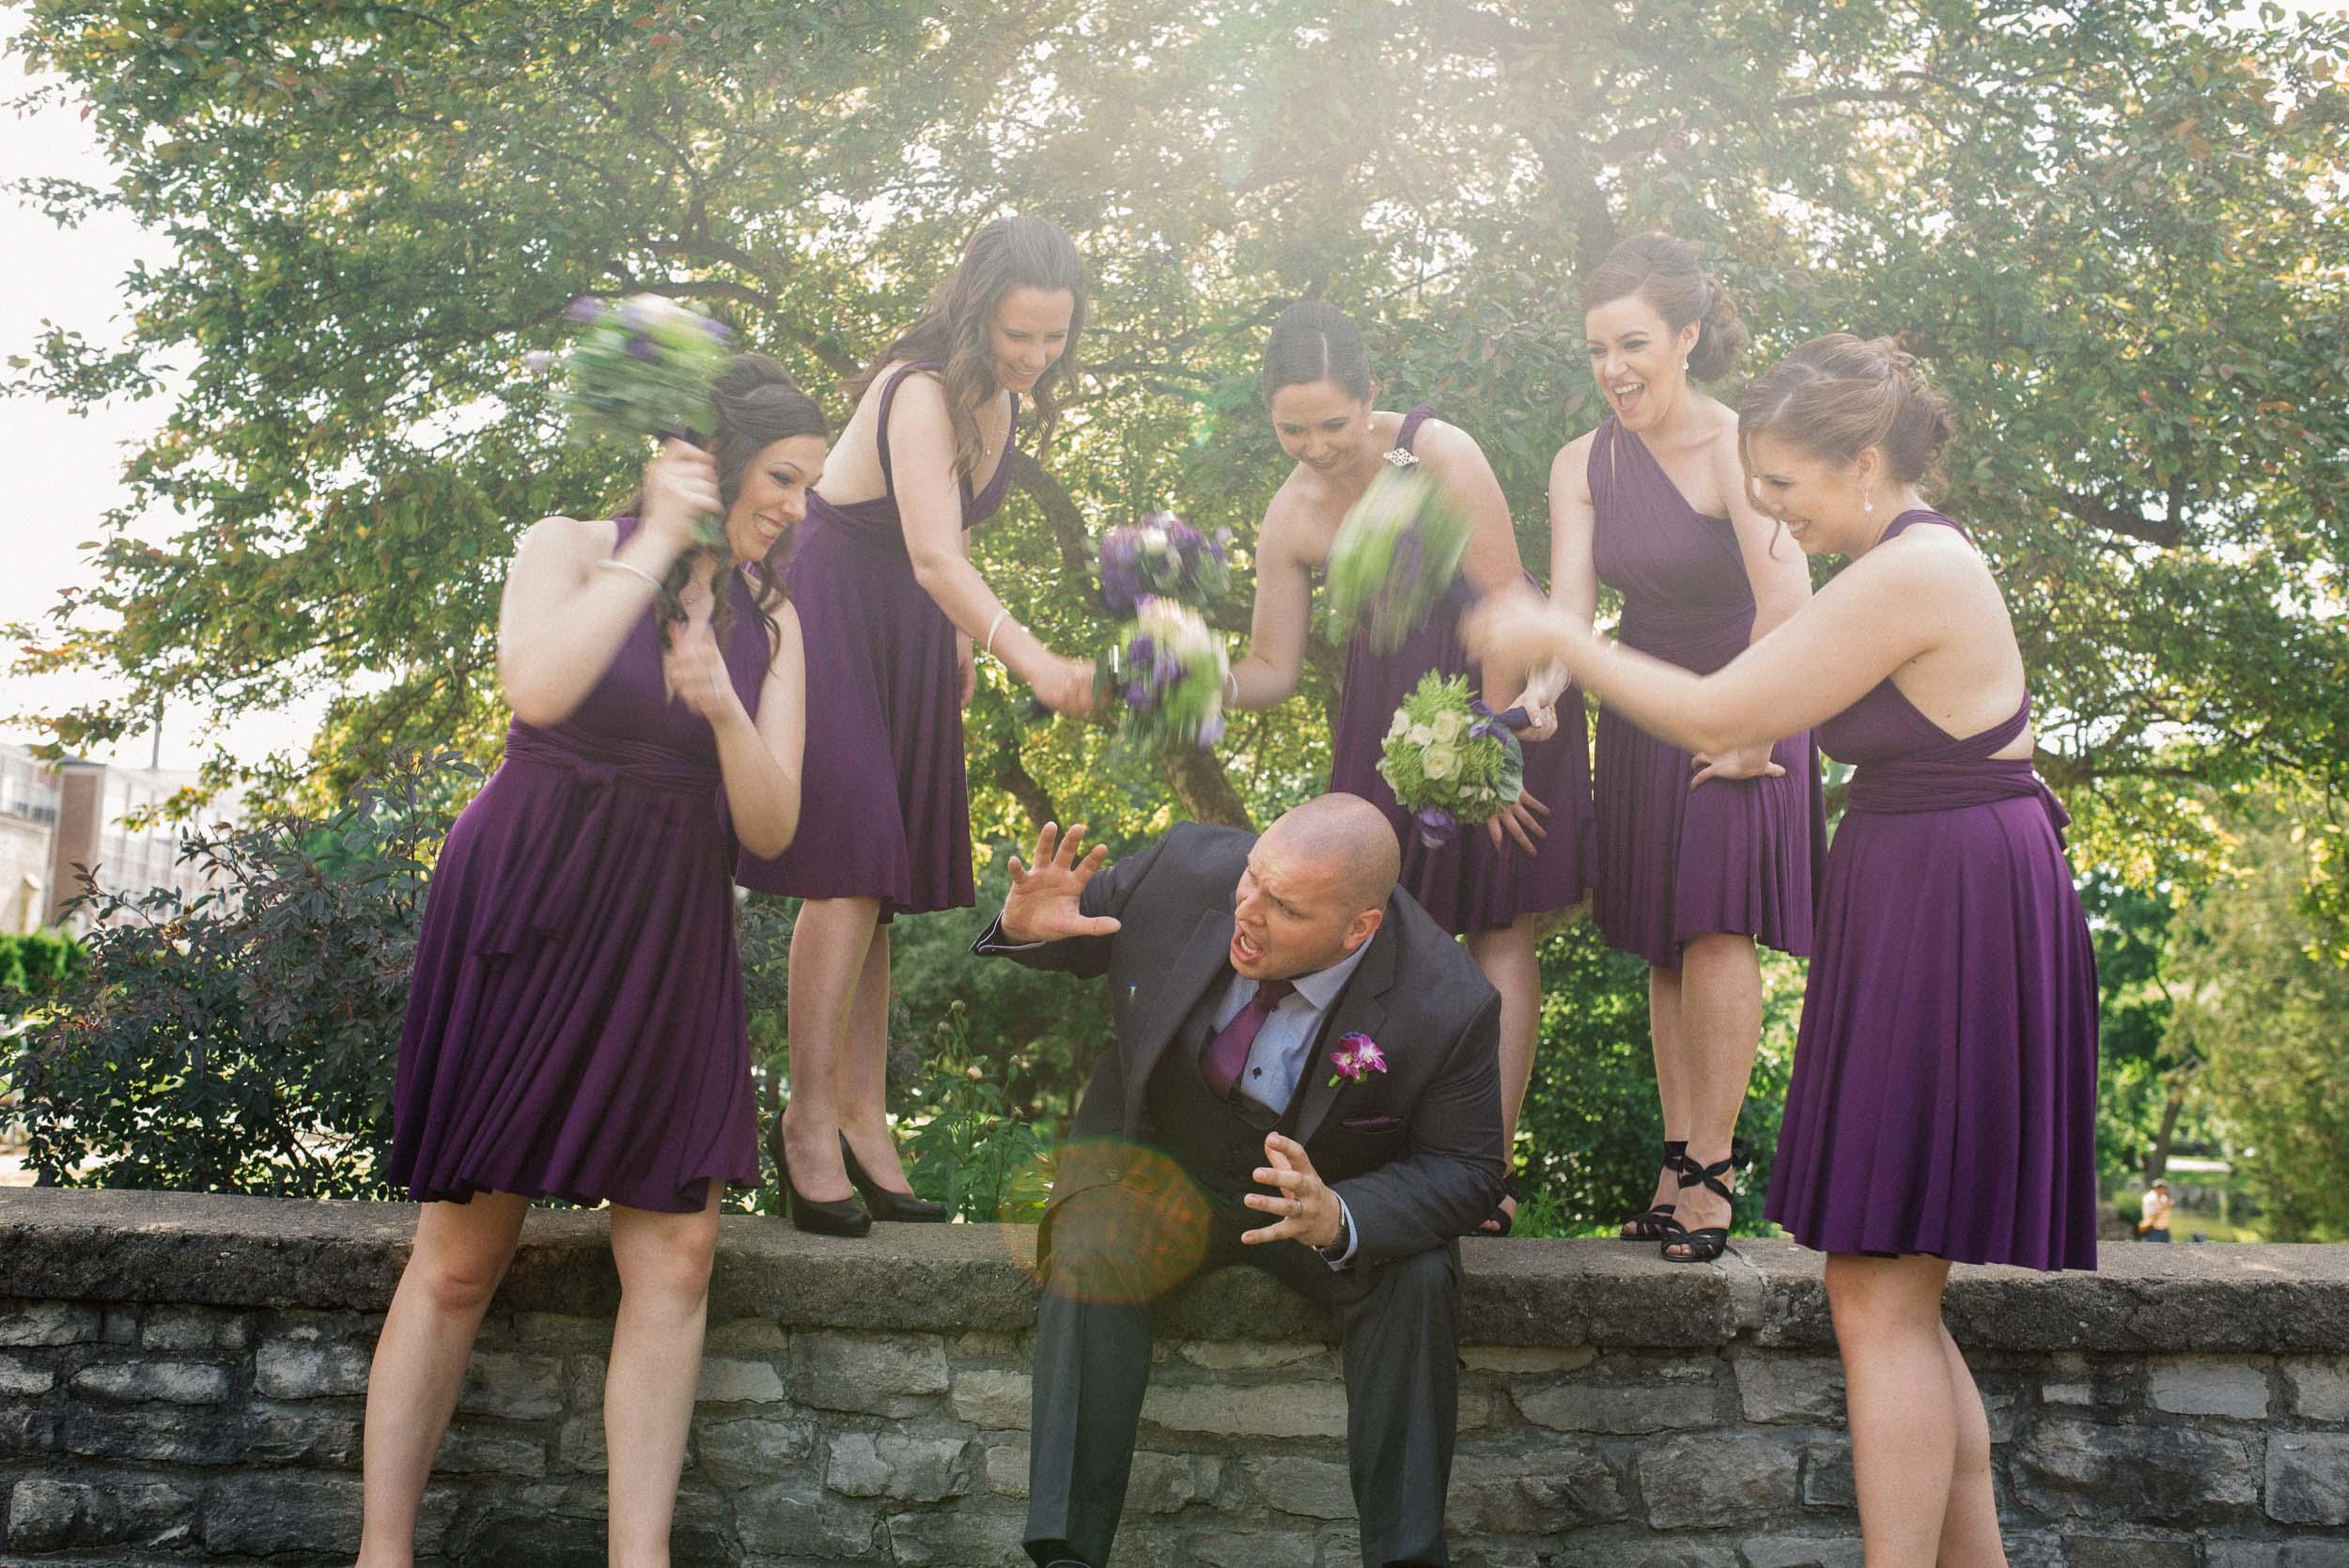 wedding-photography-stratford-davidiam-105.jpg